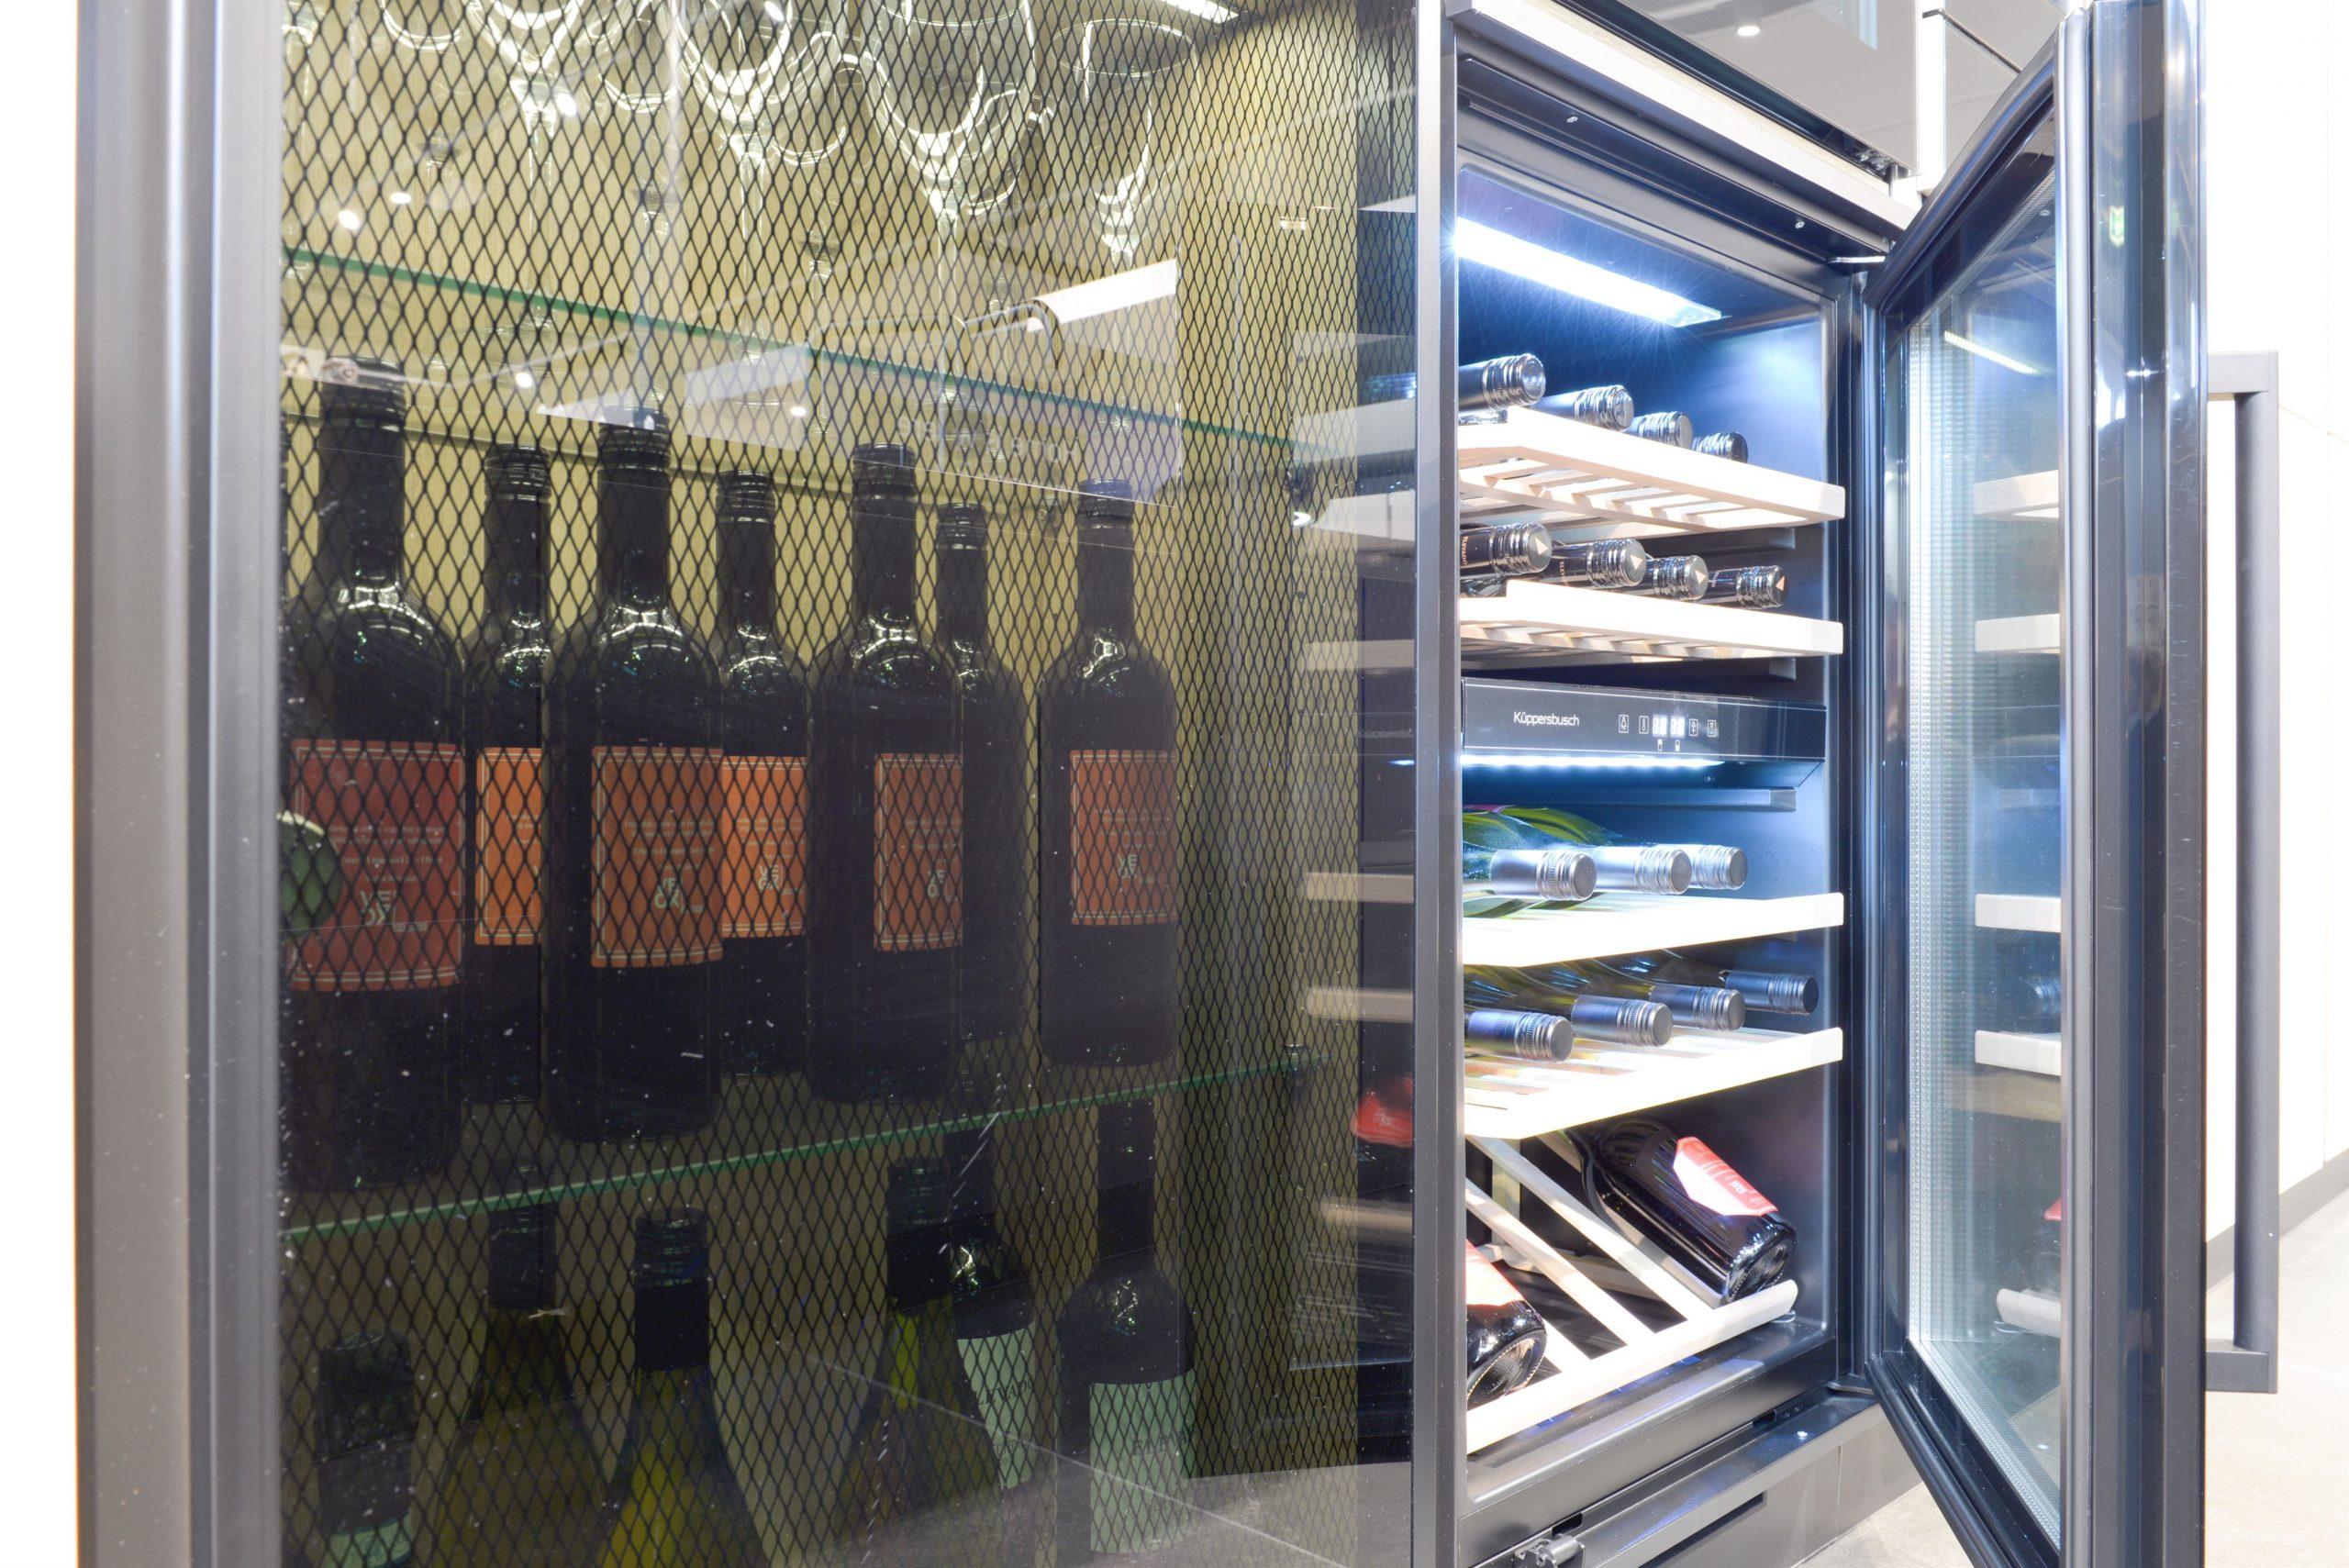 Wijnkoeler, glaskast met zwart ruit en verlichting